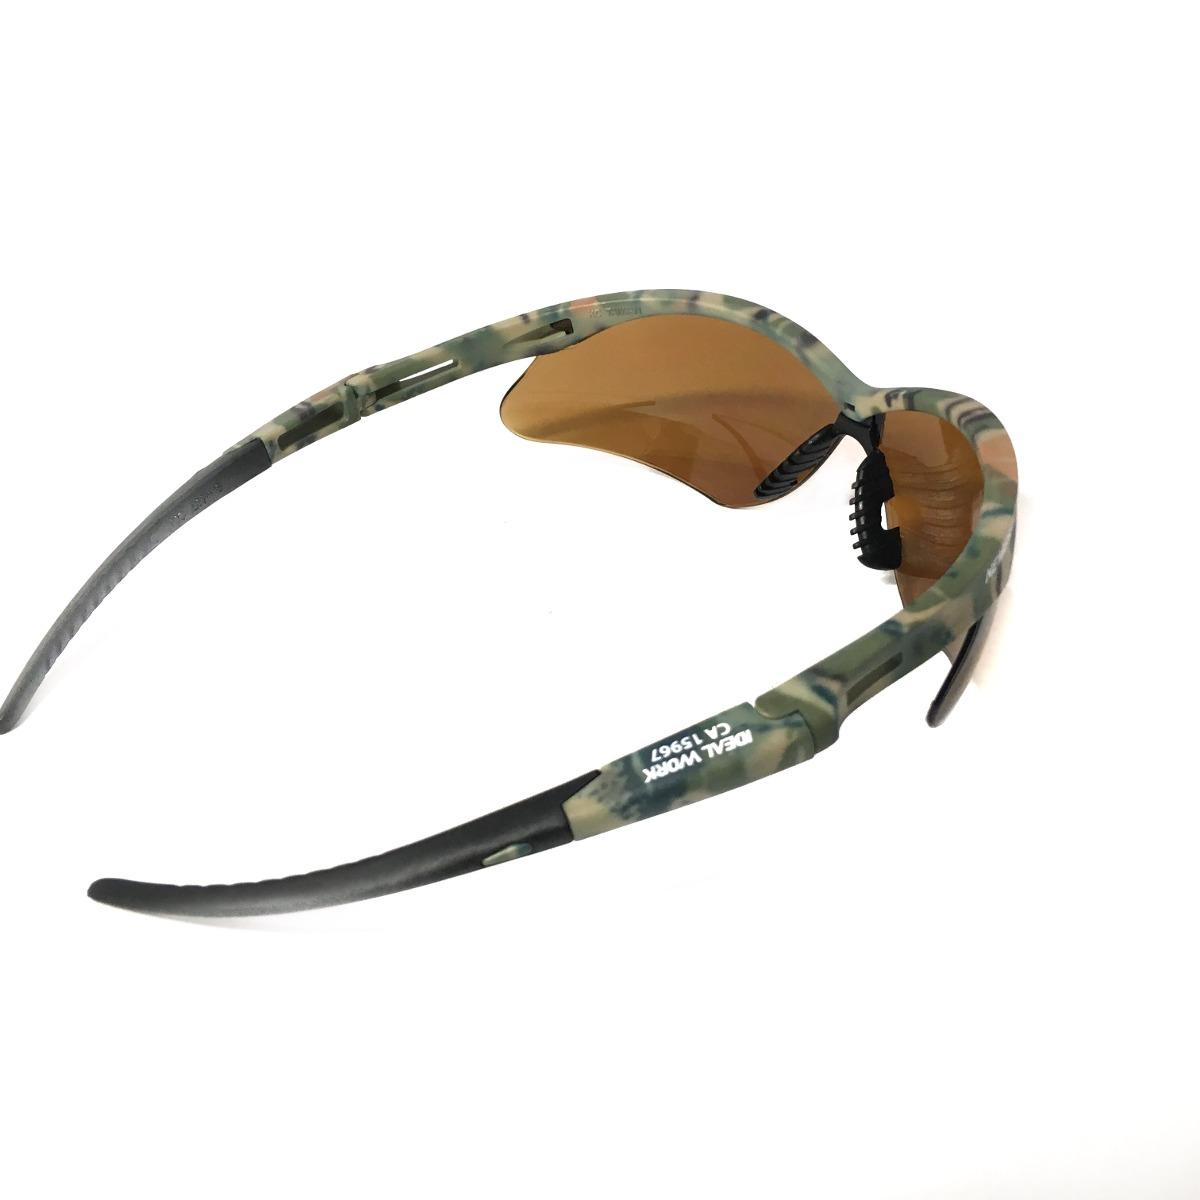 Oculos Militar Camuflado Lentes Marrom C.a 15967 - R  50,99 em ... d9d746cd83